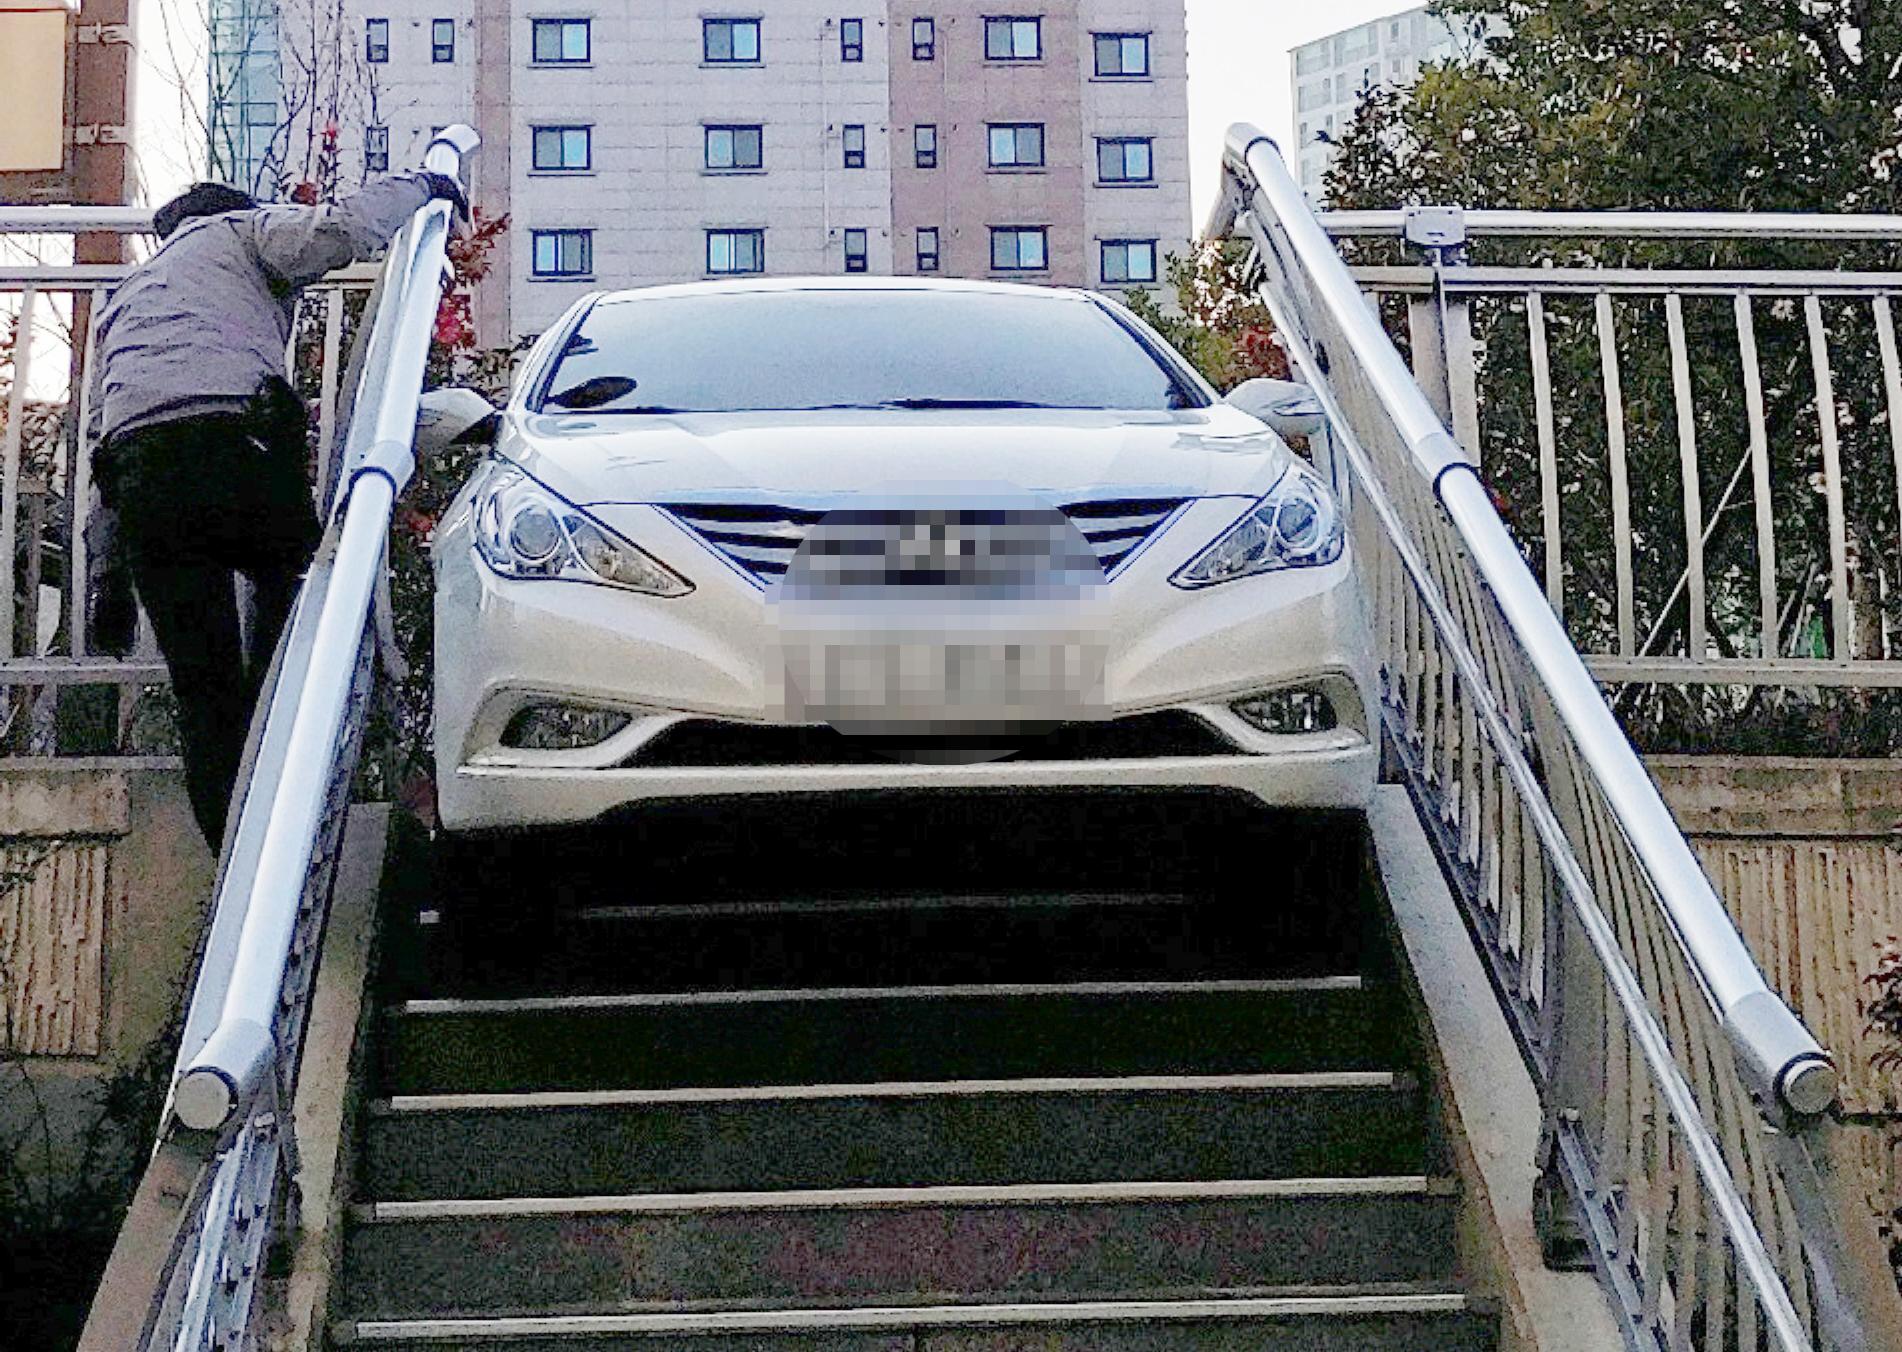 지난 11일 오후 4시 45분쯤 부산 부산진구 감고개공원 계단에 끼인 30대 음주운전자의 차량. [사진 부산진경찰서]